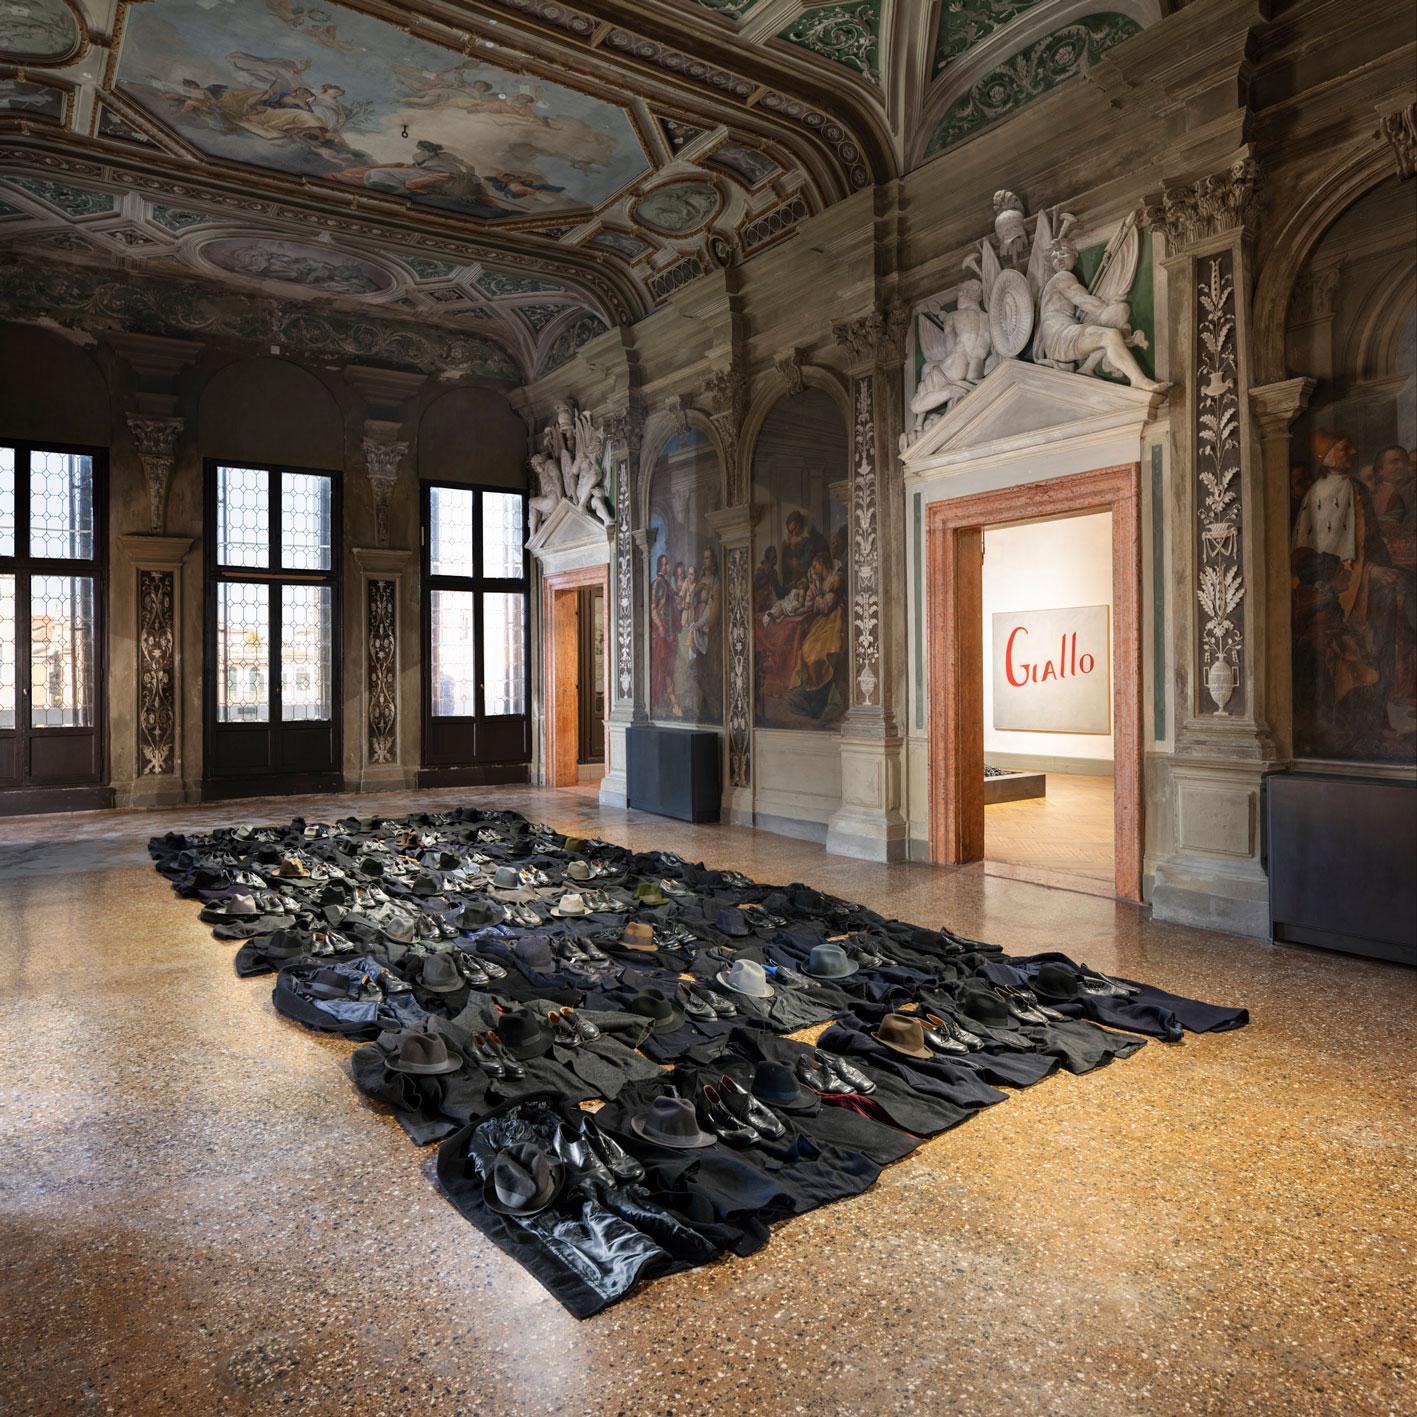 Jannis Kounellis Untitled, 2011 coats, hats, shoes  in the background  Jannis Kounellis Untitled (Giallo), 1965 oil on canvas